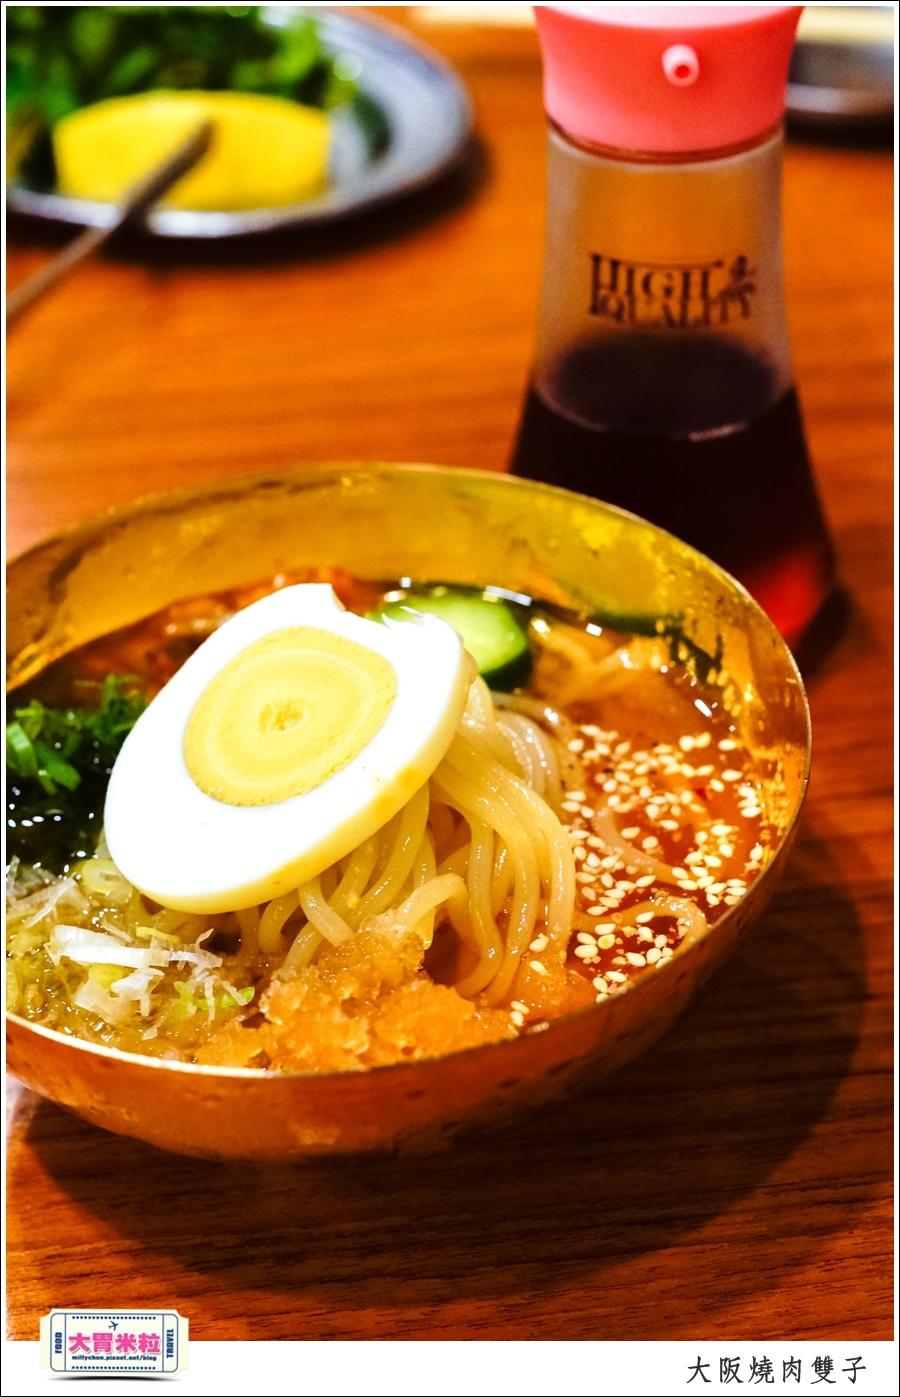 高雄單點燒肉推薦@大阪燒肉雙子高雄店@大胃米粒0058.jpg